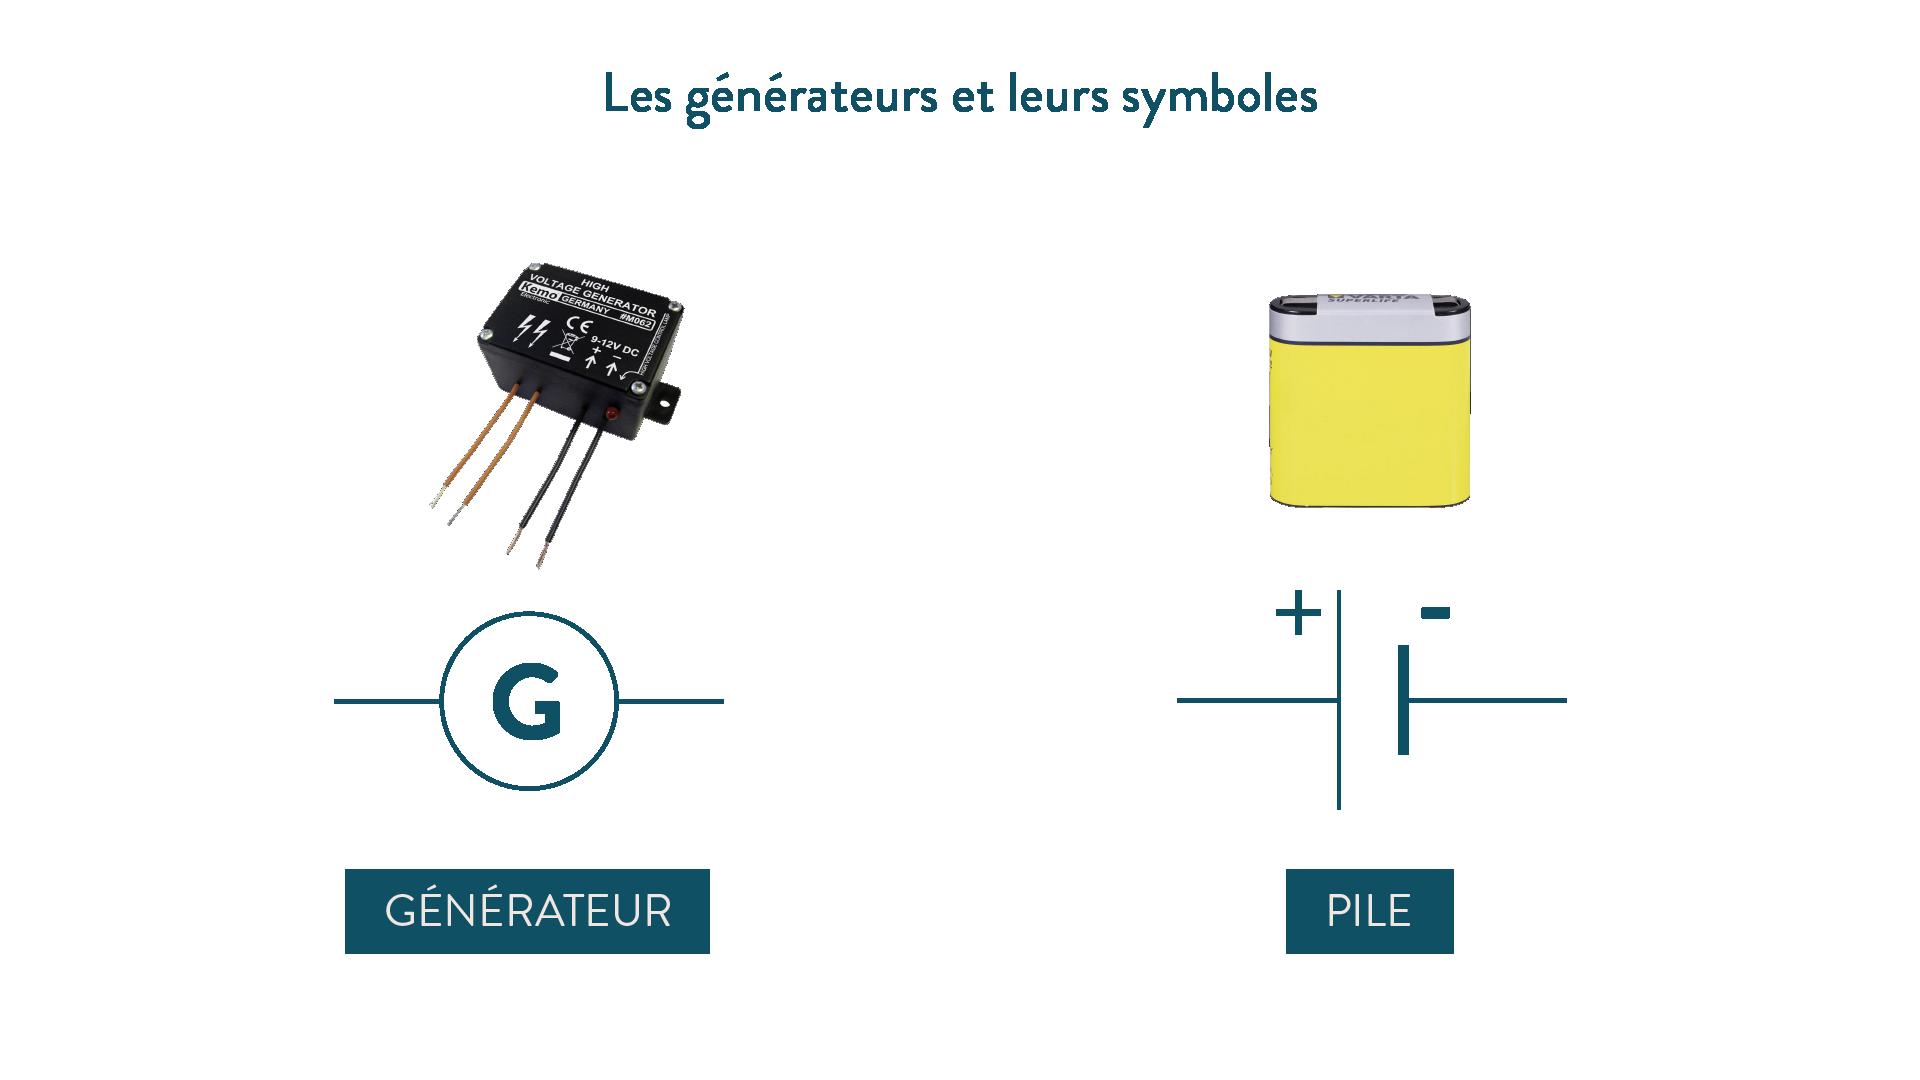 Les générateurs et leurs symboles